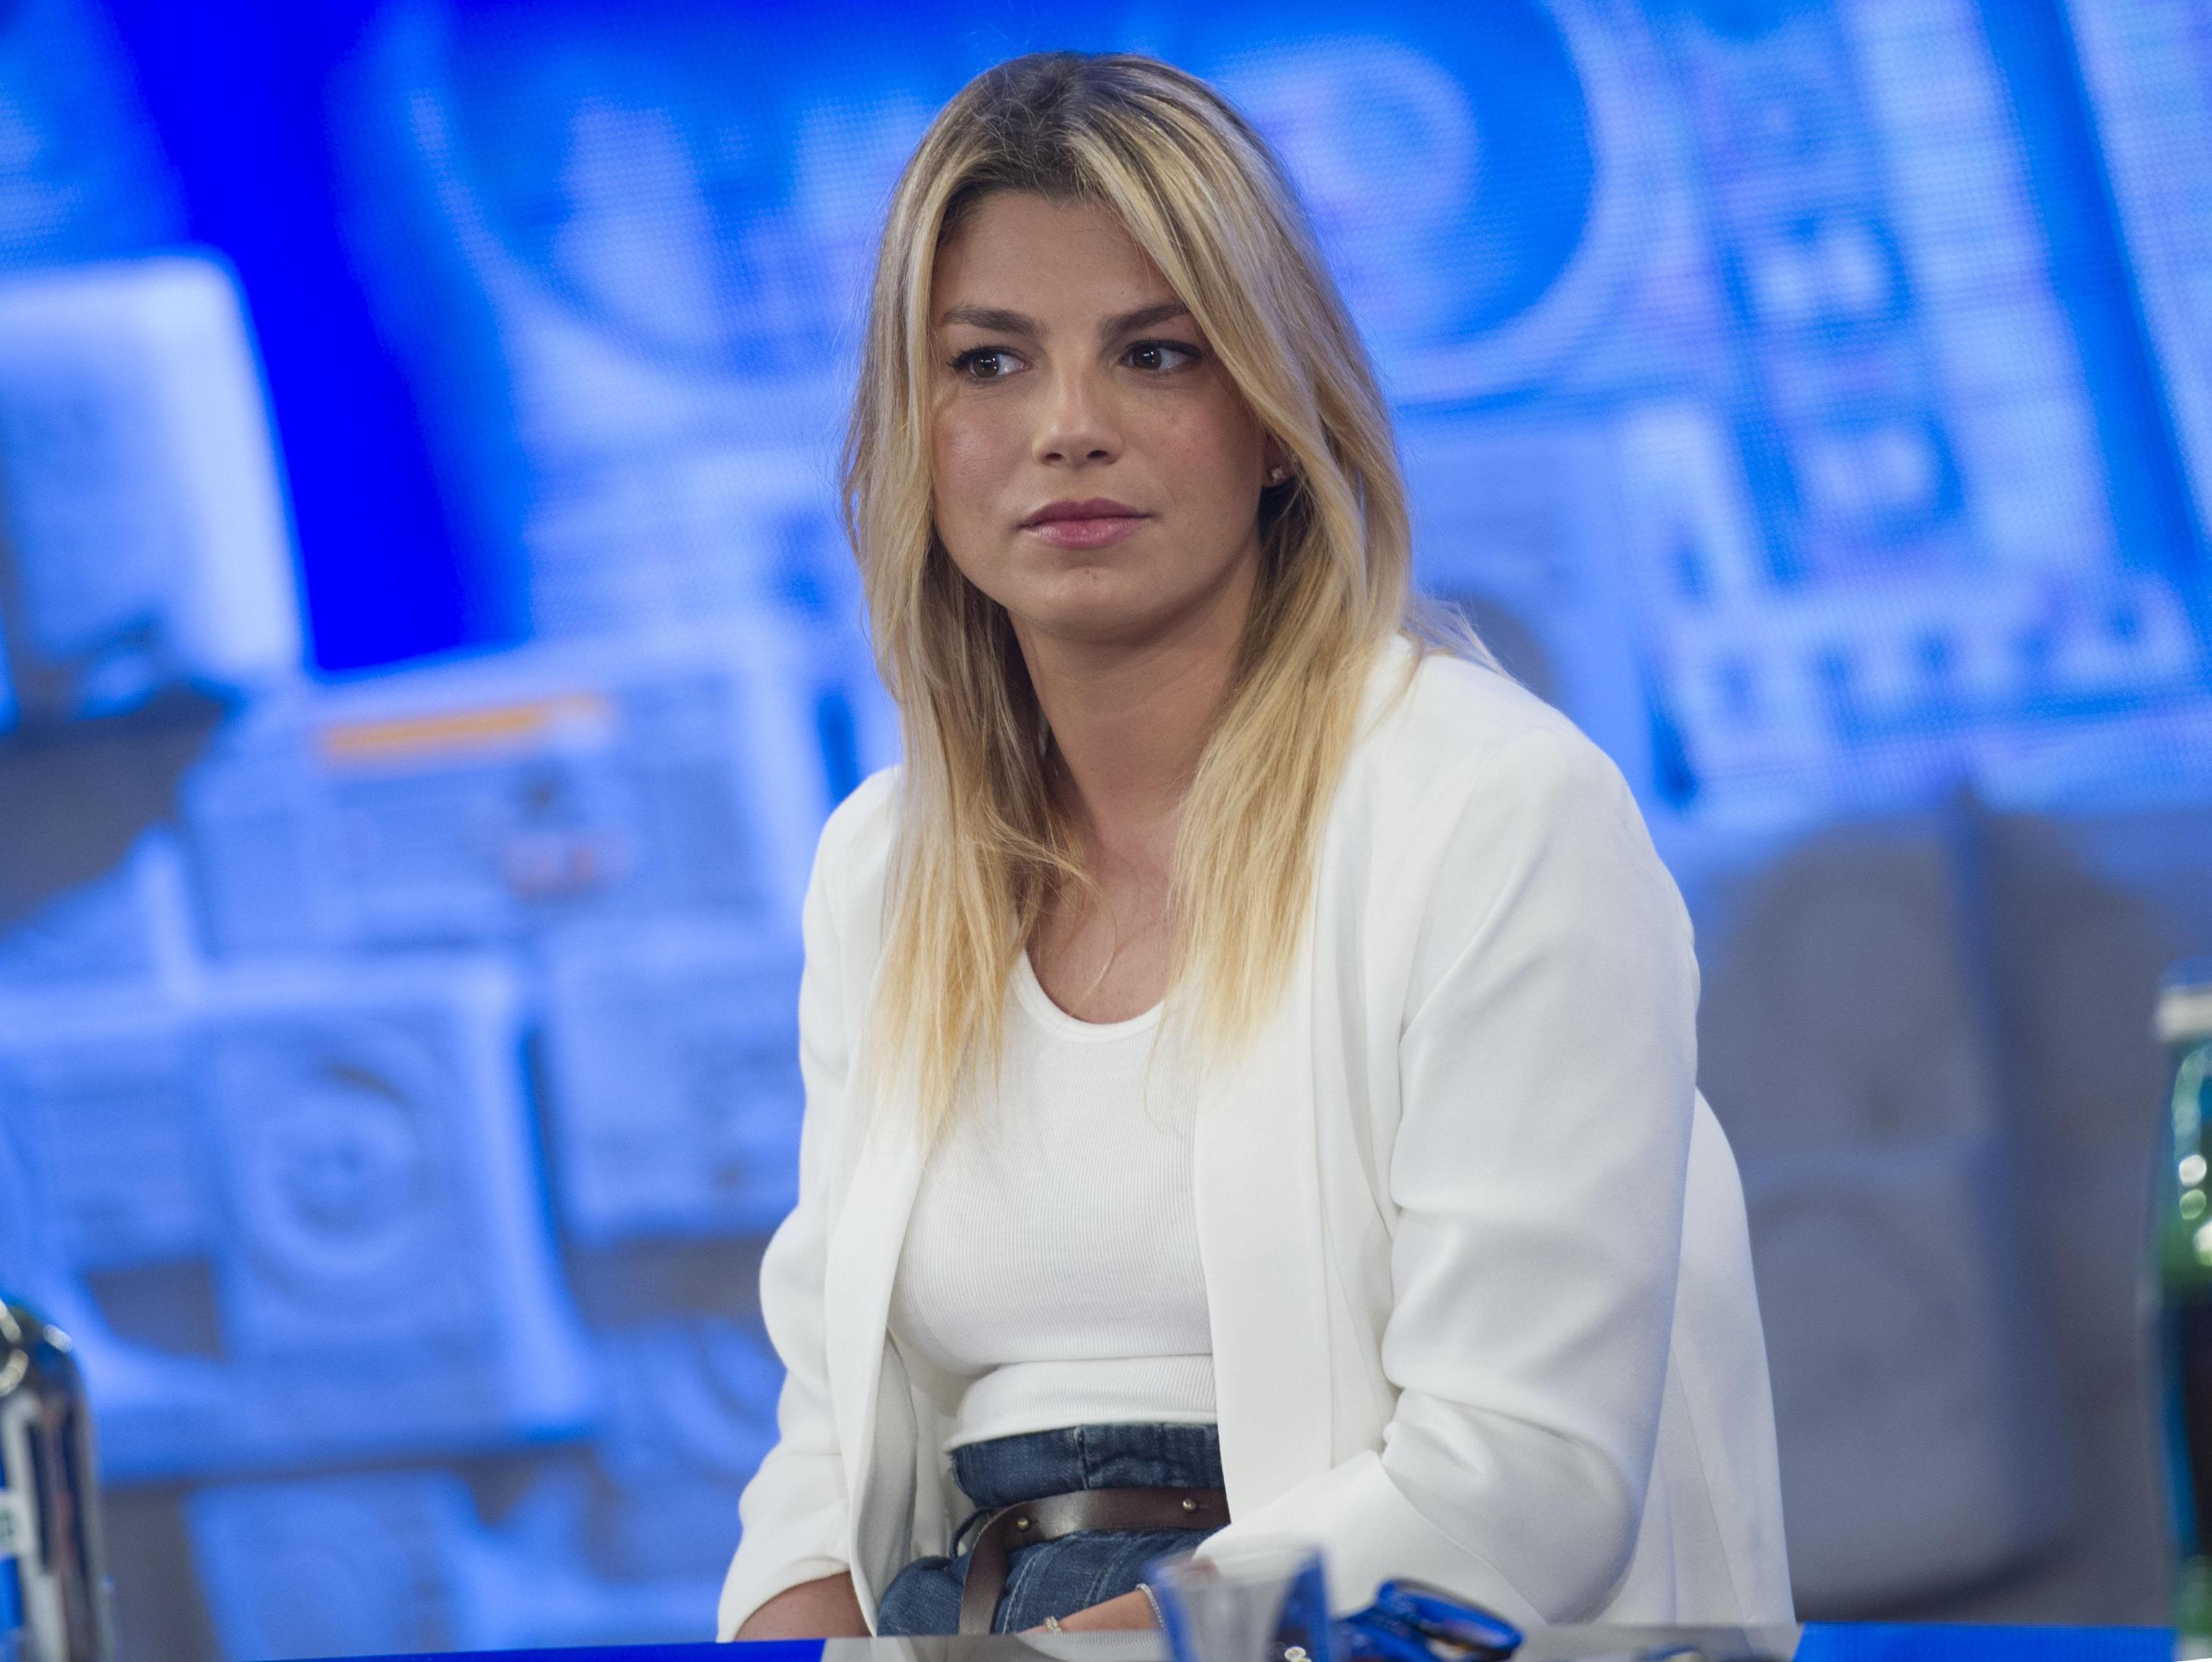 Emma Marrone commossa per il servizio de Le Iene: 'Nulla da aggiungere'